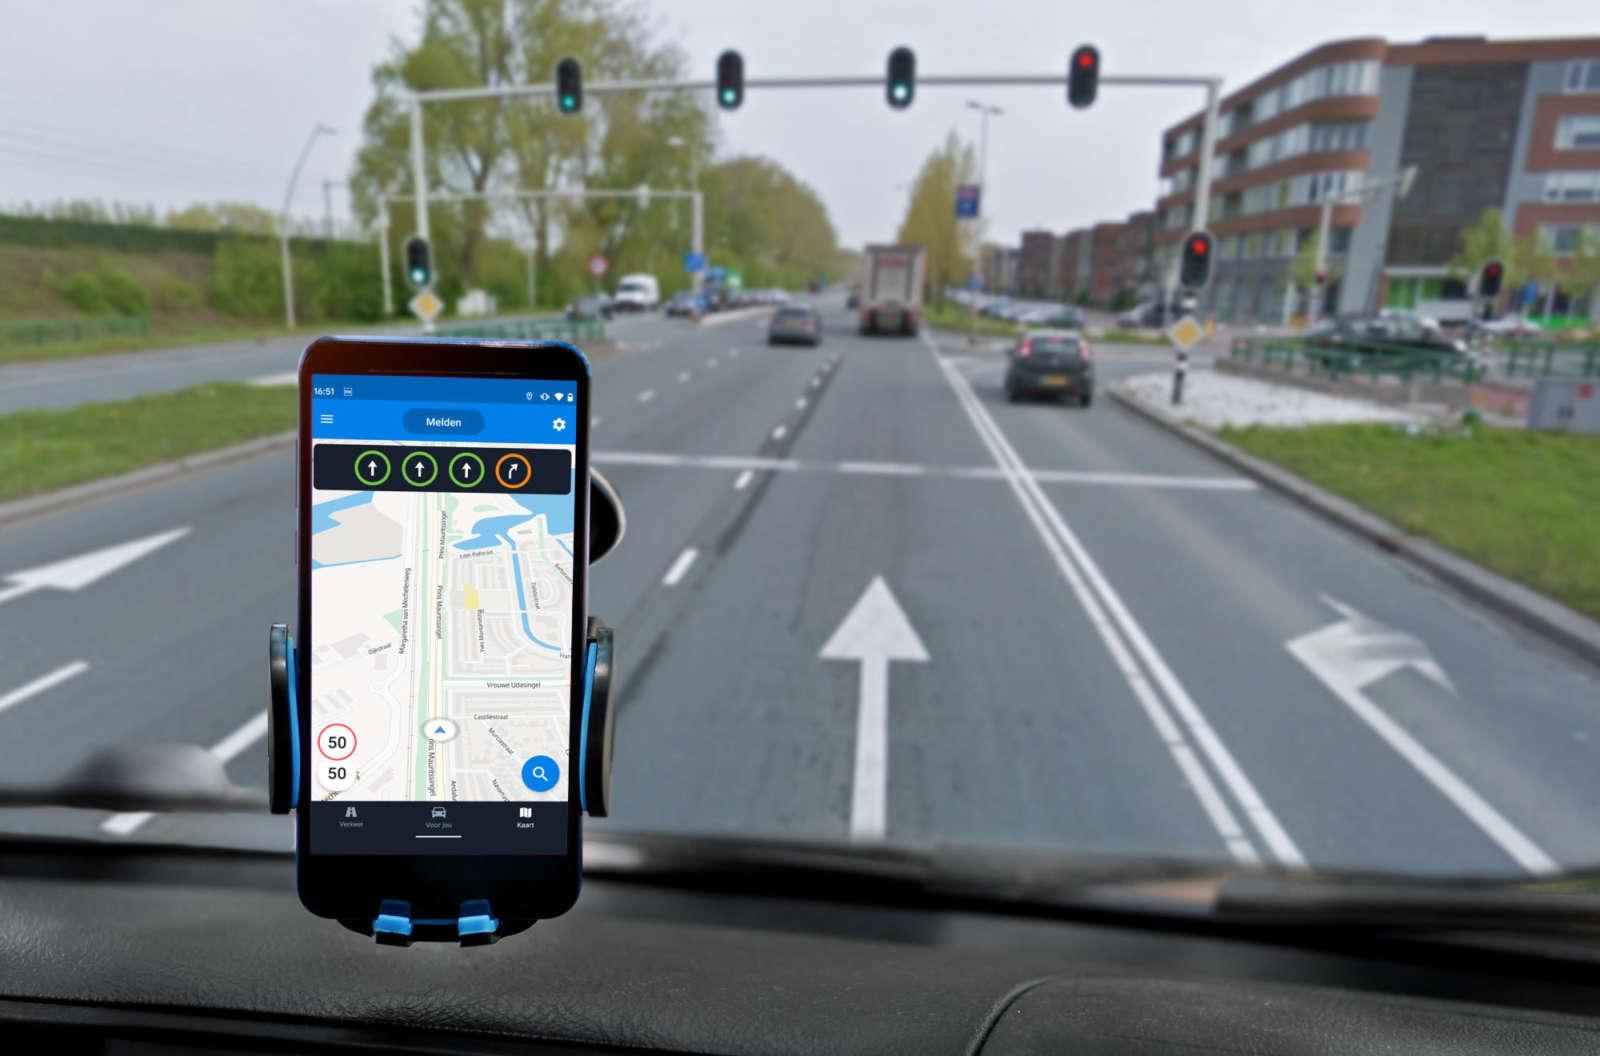 Traffic lights in FM